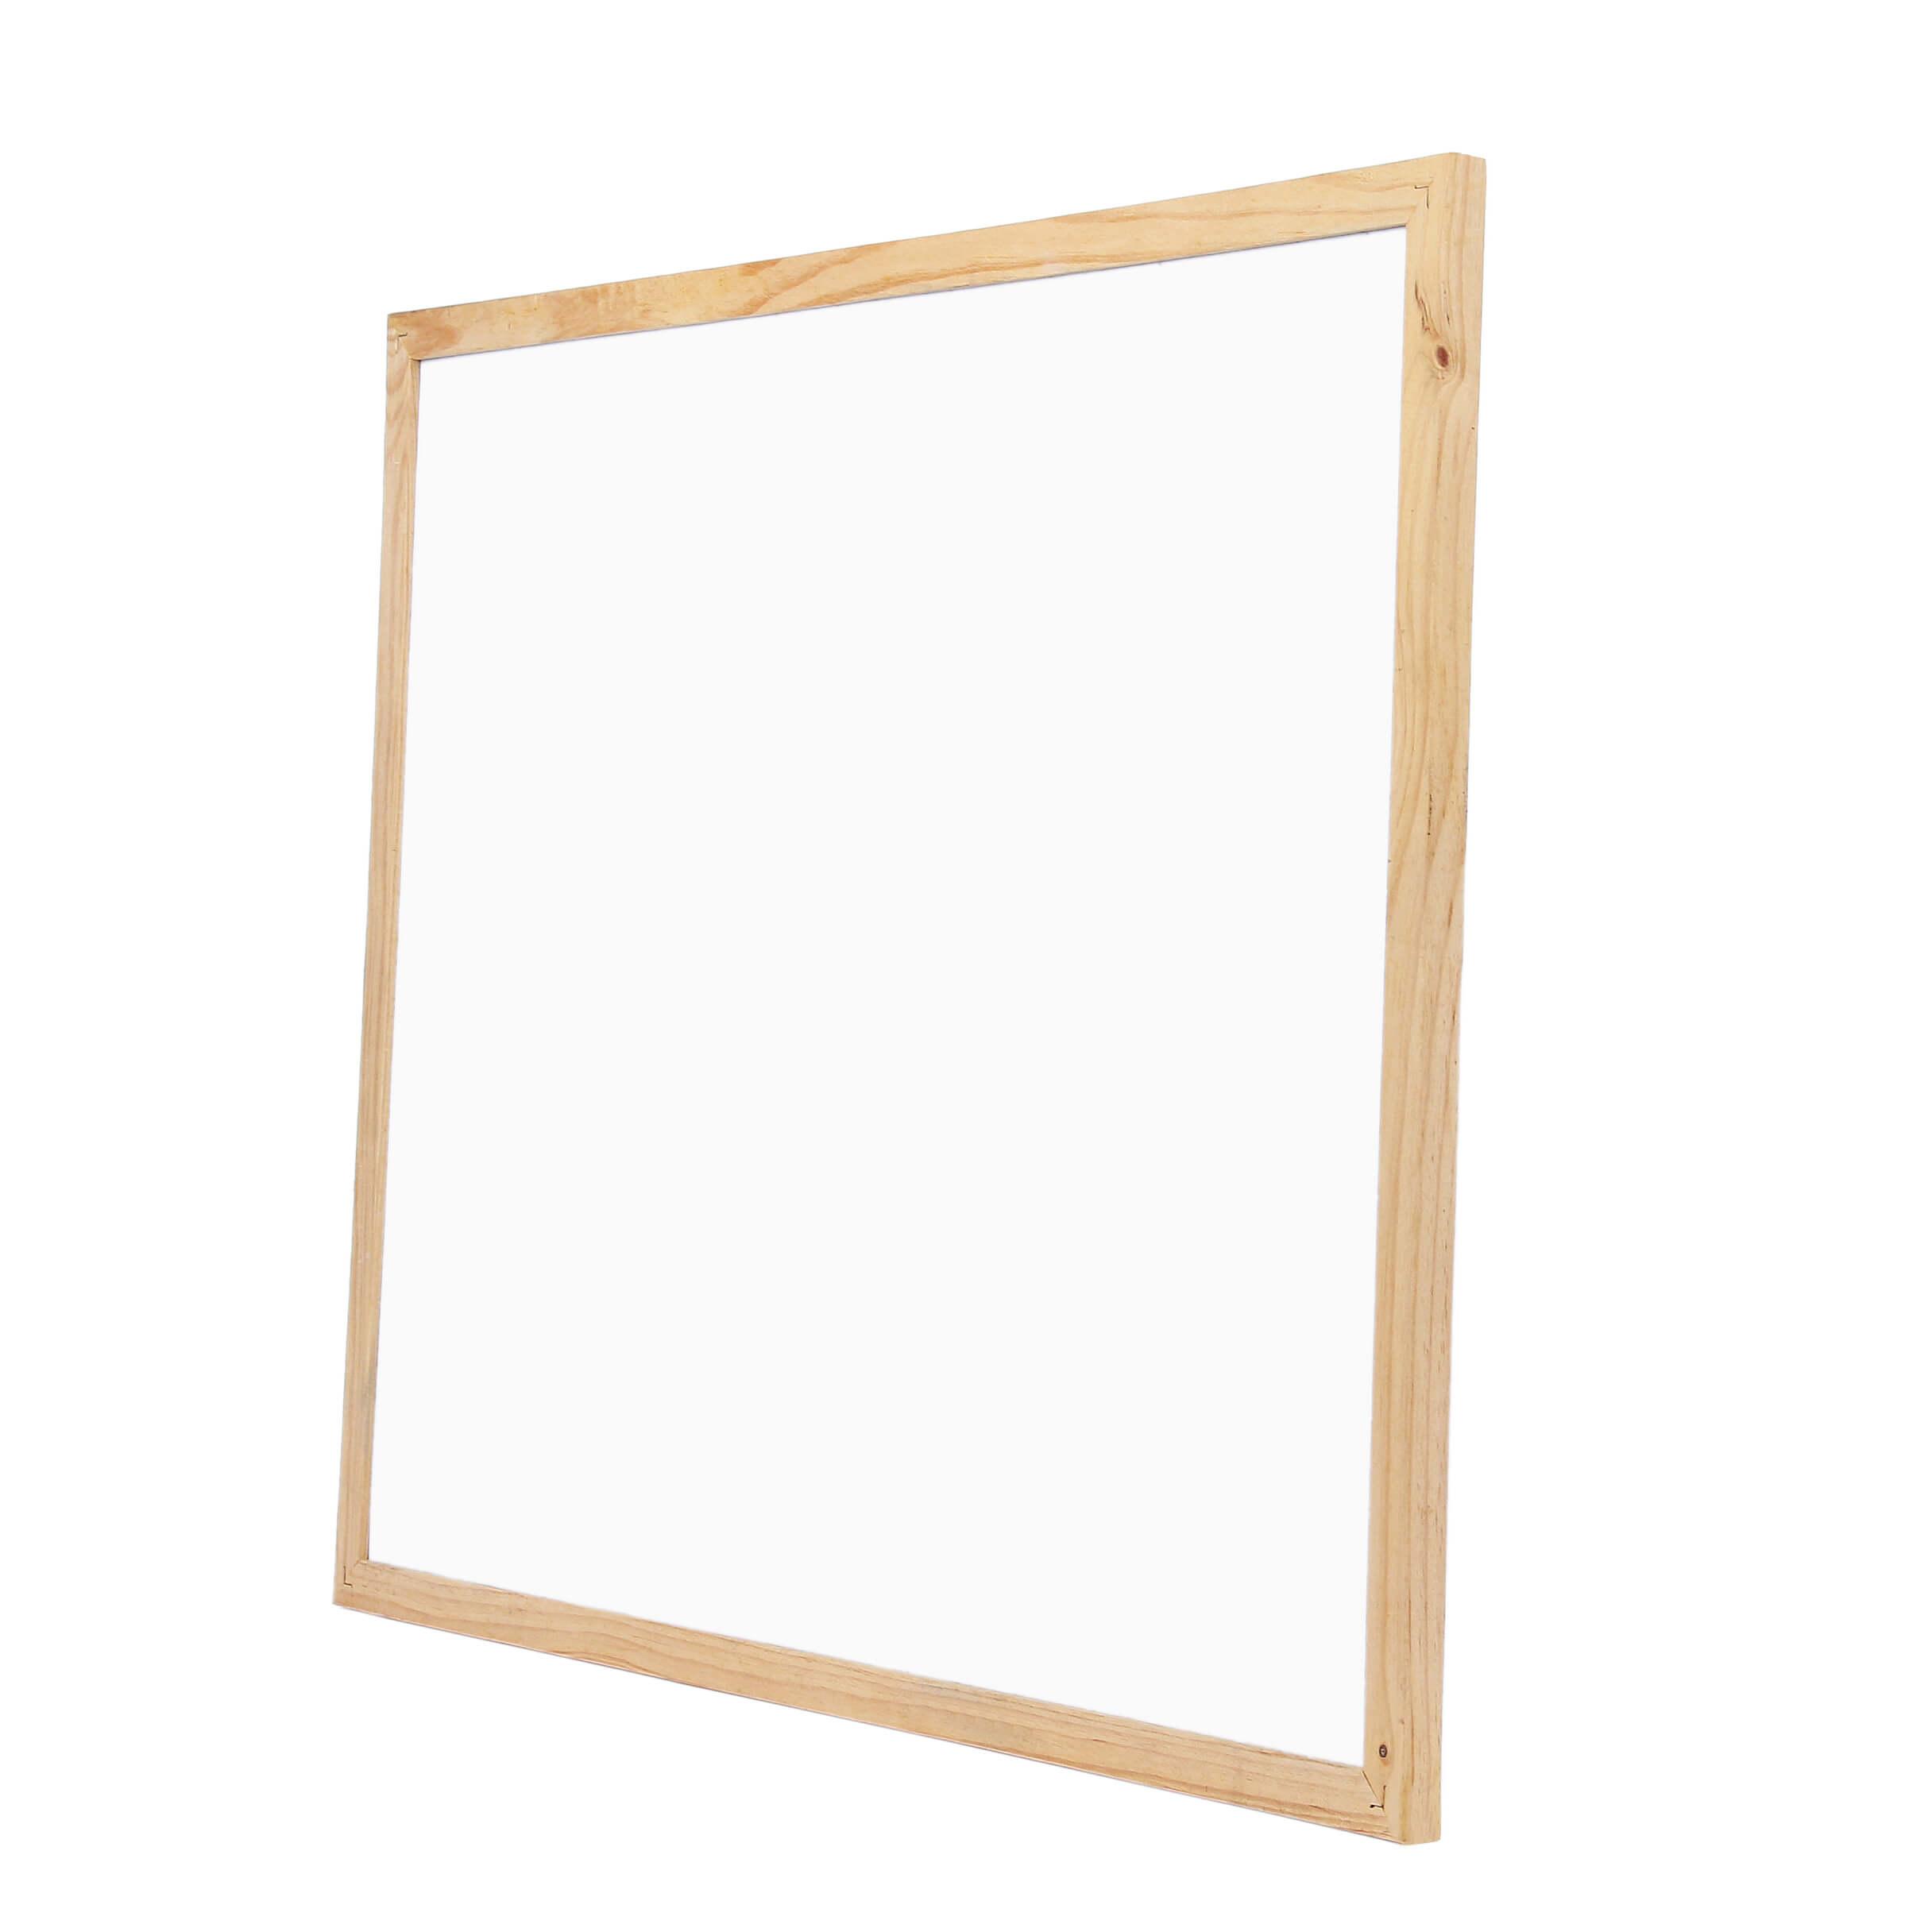 Lightweight Pine Frames Dry Wipe Board Wood Frame Whiteboard